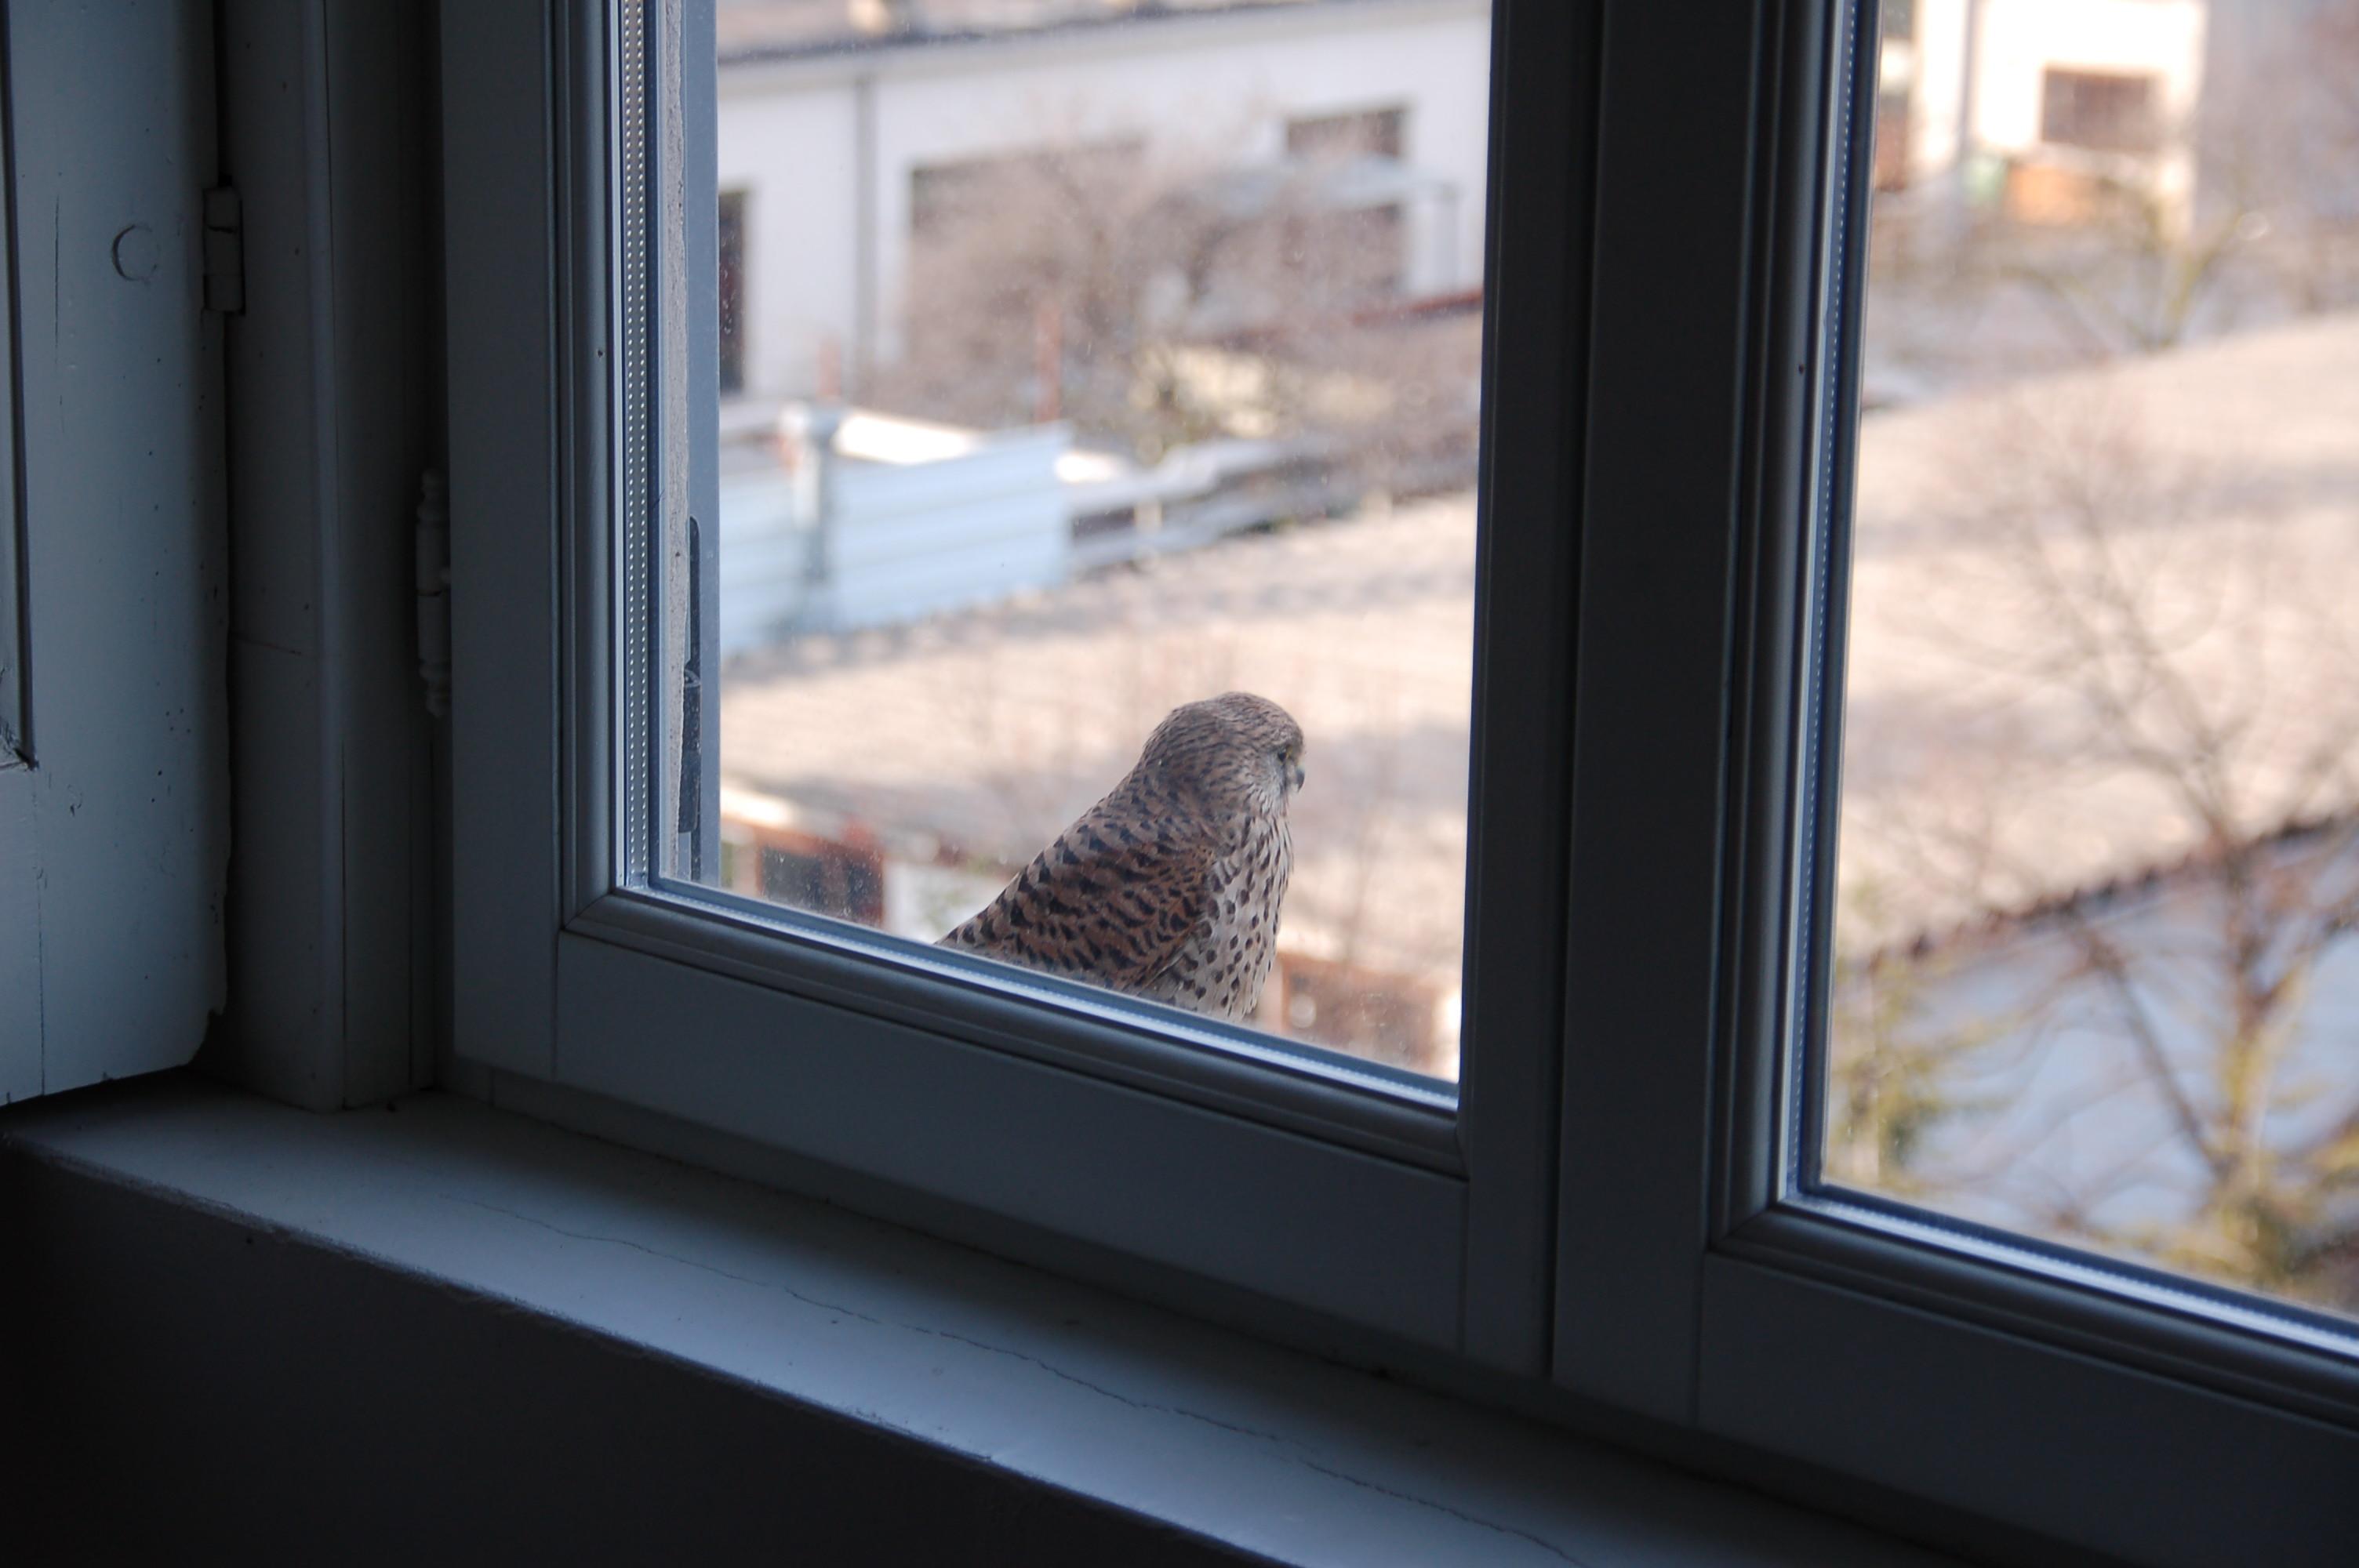 Nero metti un giorno sul davanzale - Davanzale finestra ...